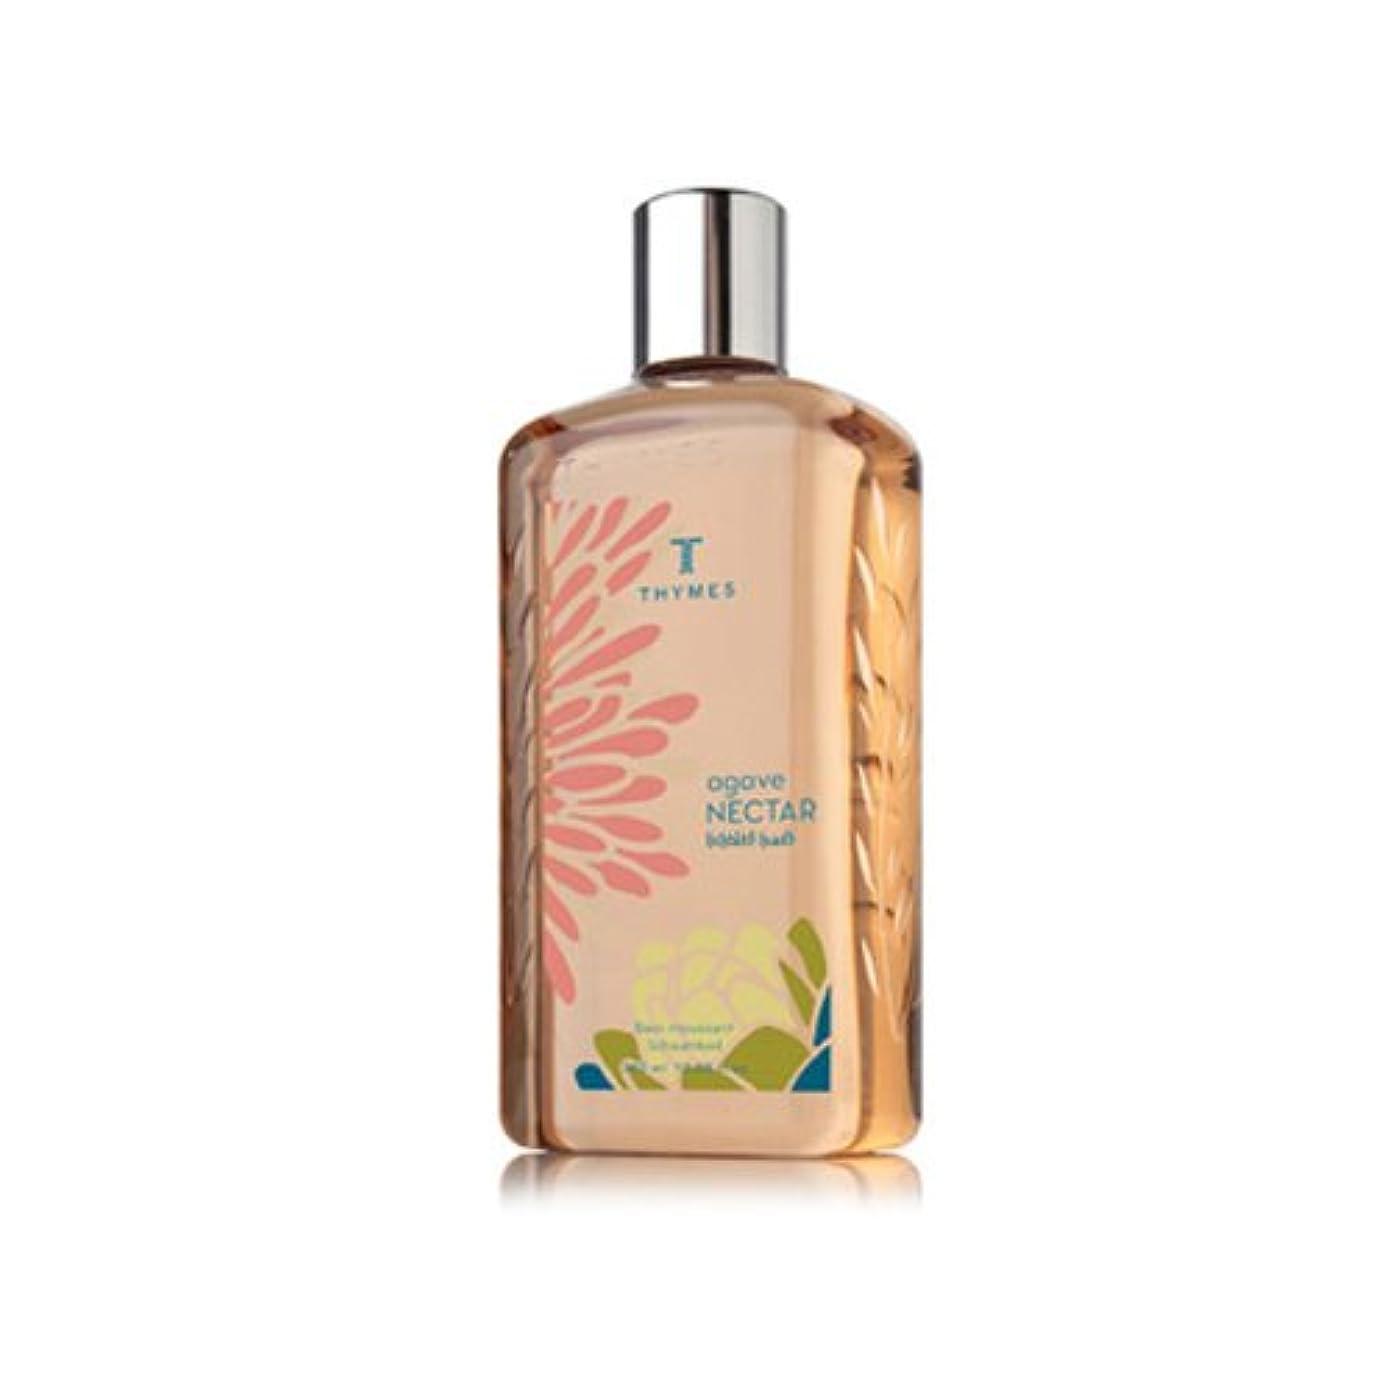 ゴネリル解放耐久THYMES タイムズ バブルバス 360ml アガベネクター Bubble Bath 12.25 fl oz Agave Nectar [並行輸入品]